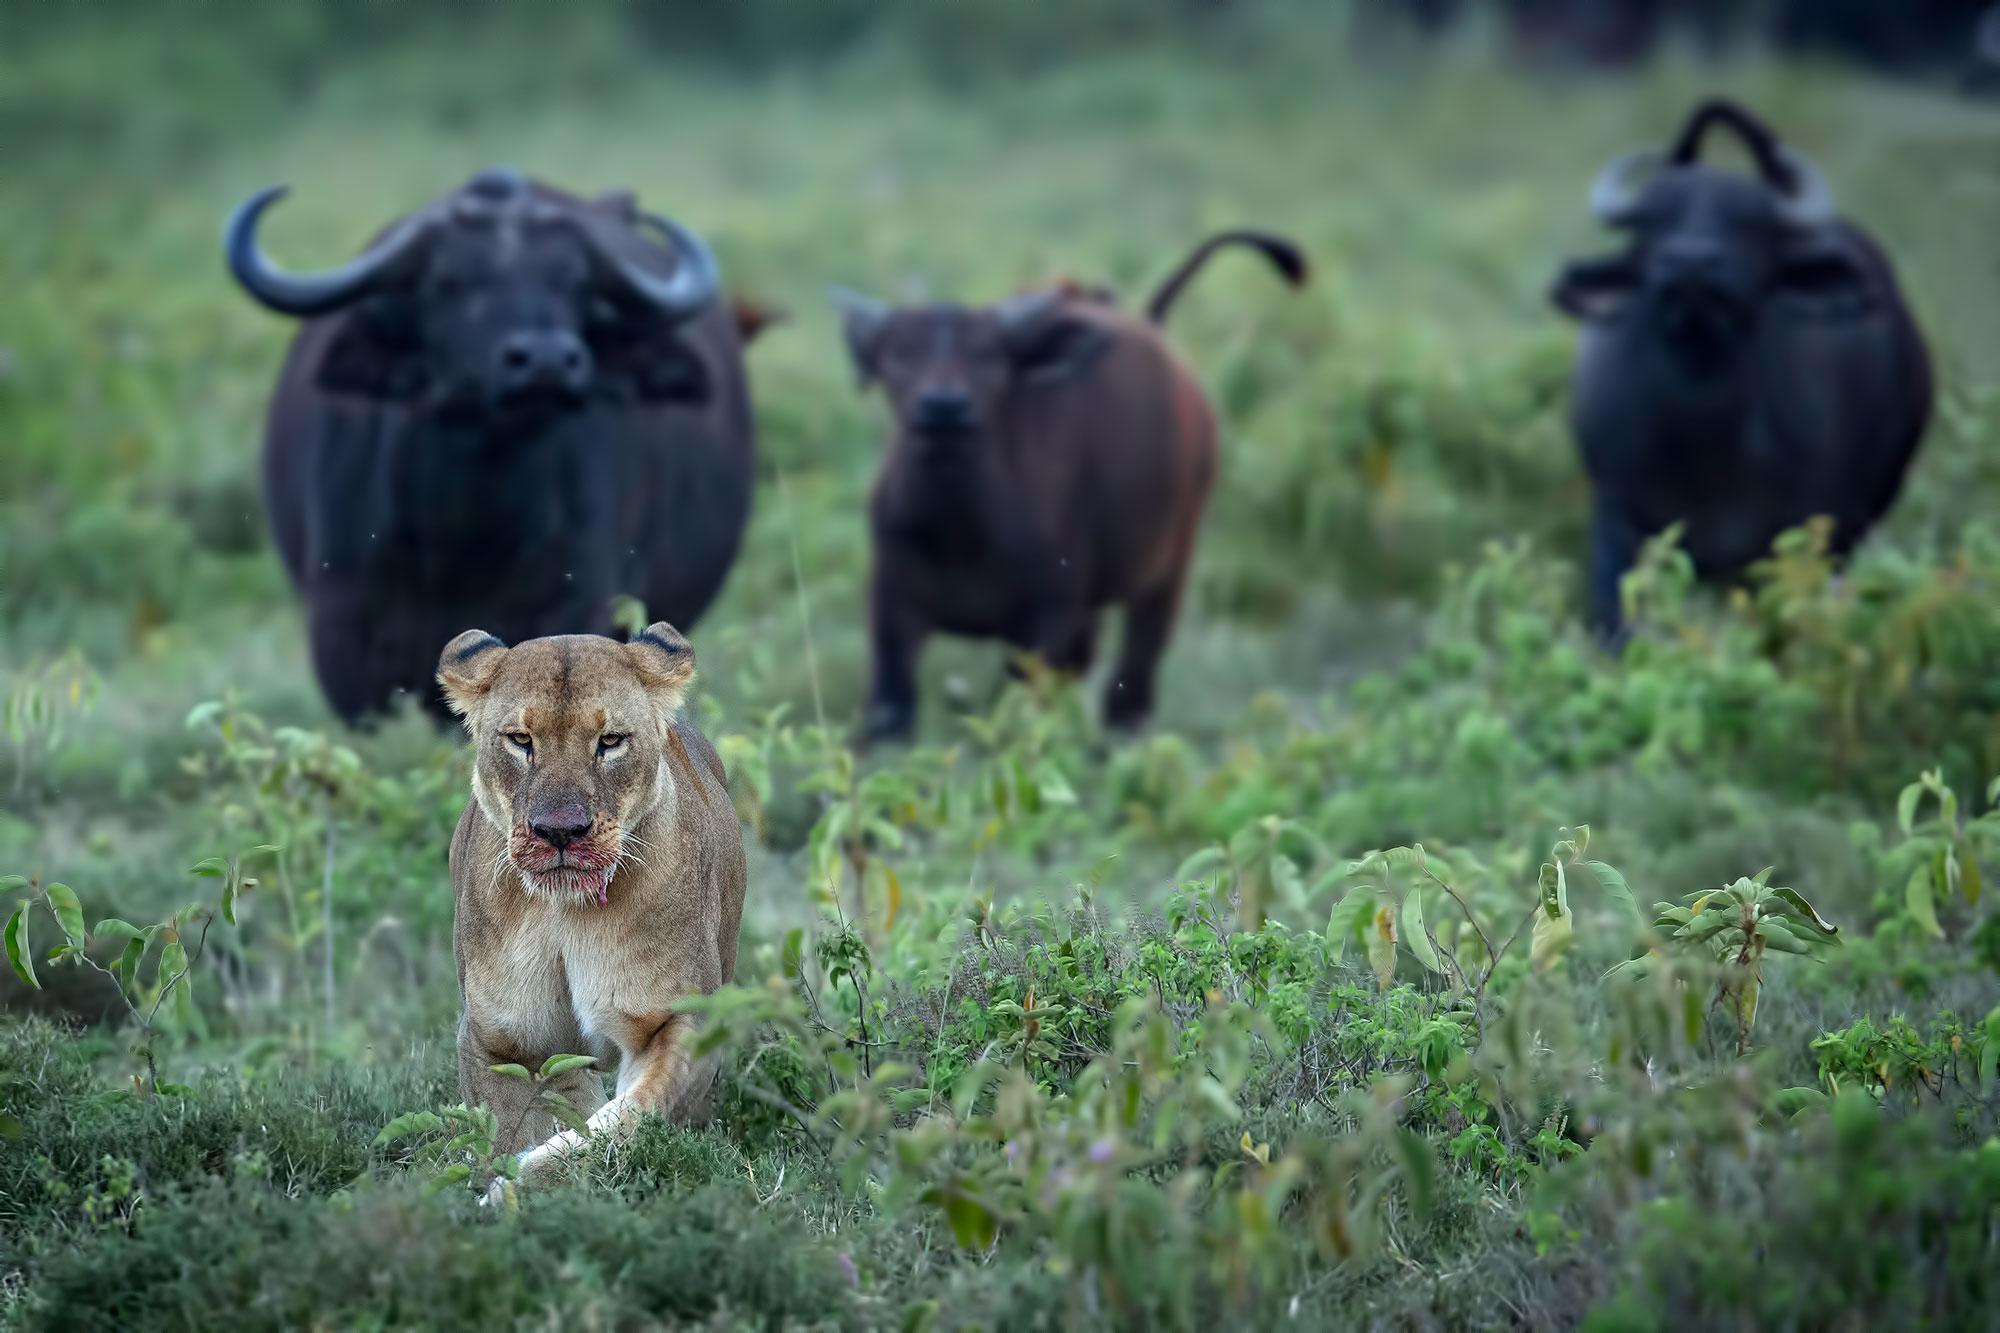 Dietro lo scatto: una leonessa in fuga